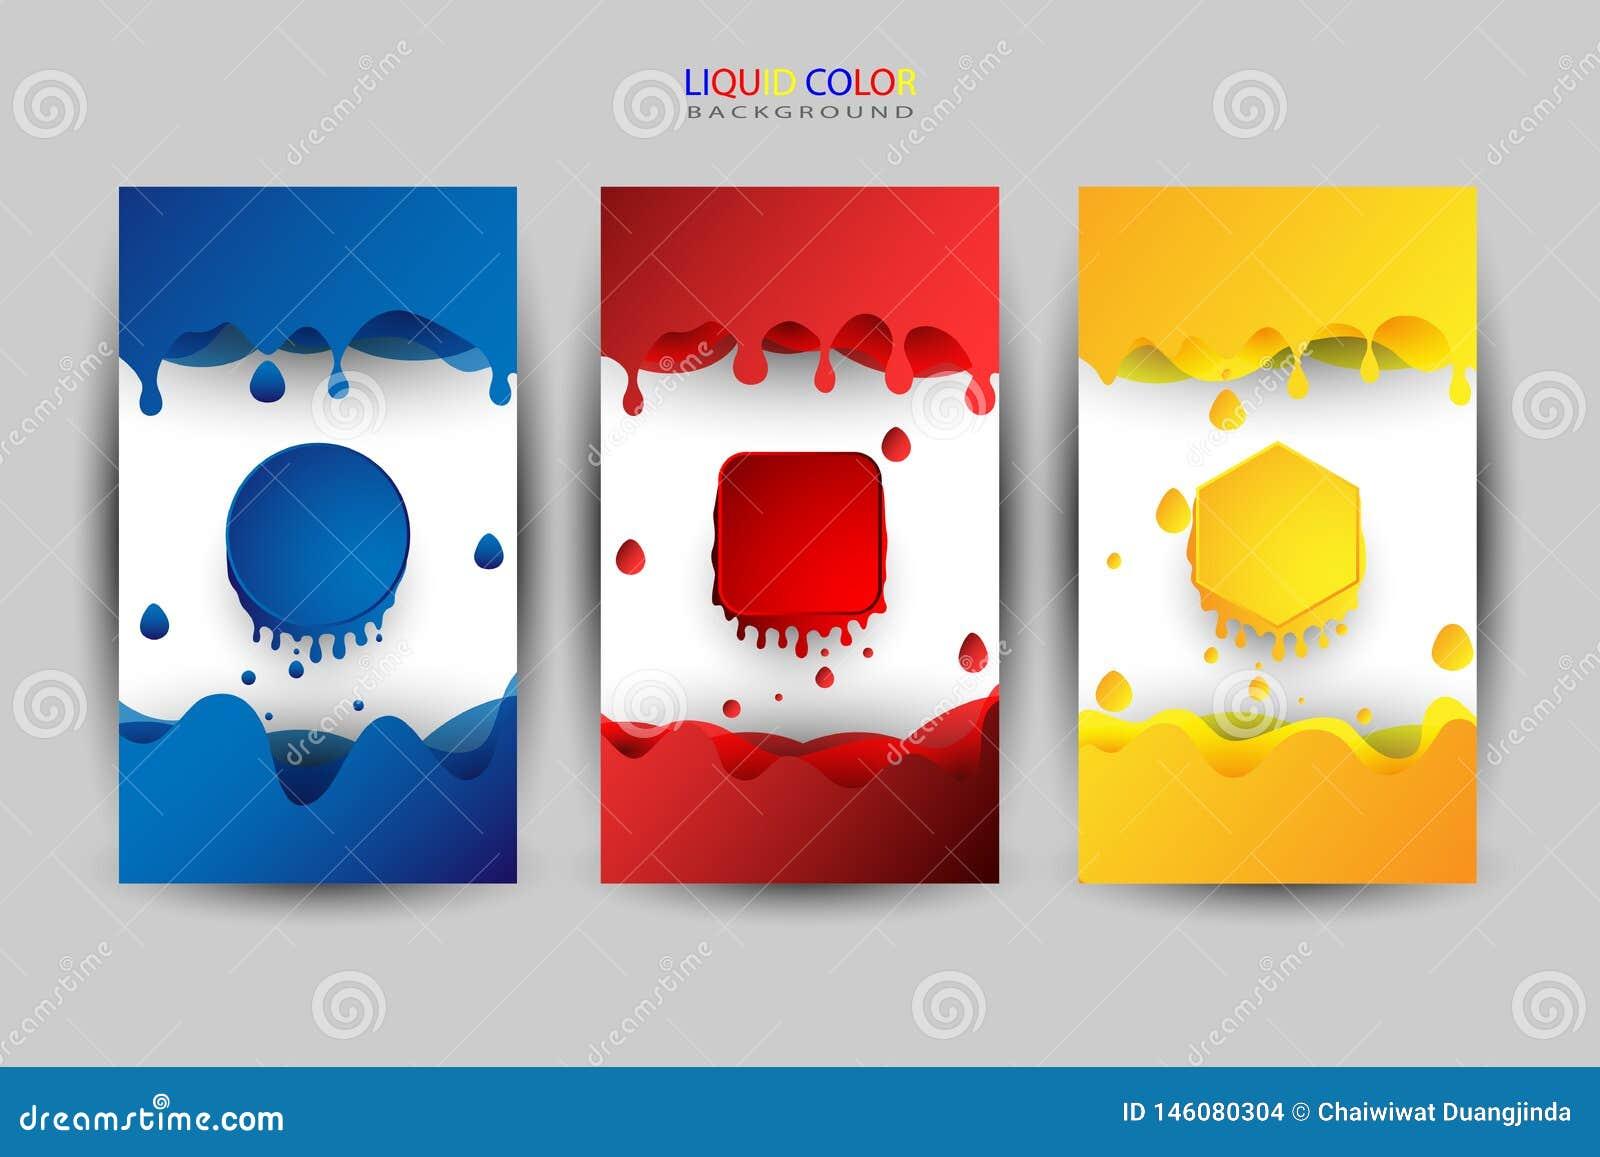 Ensemble de couleur liquide, diverses couleurs comme fond